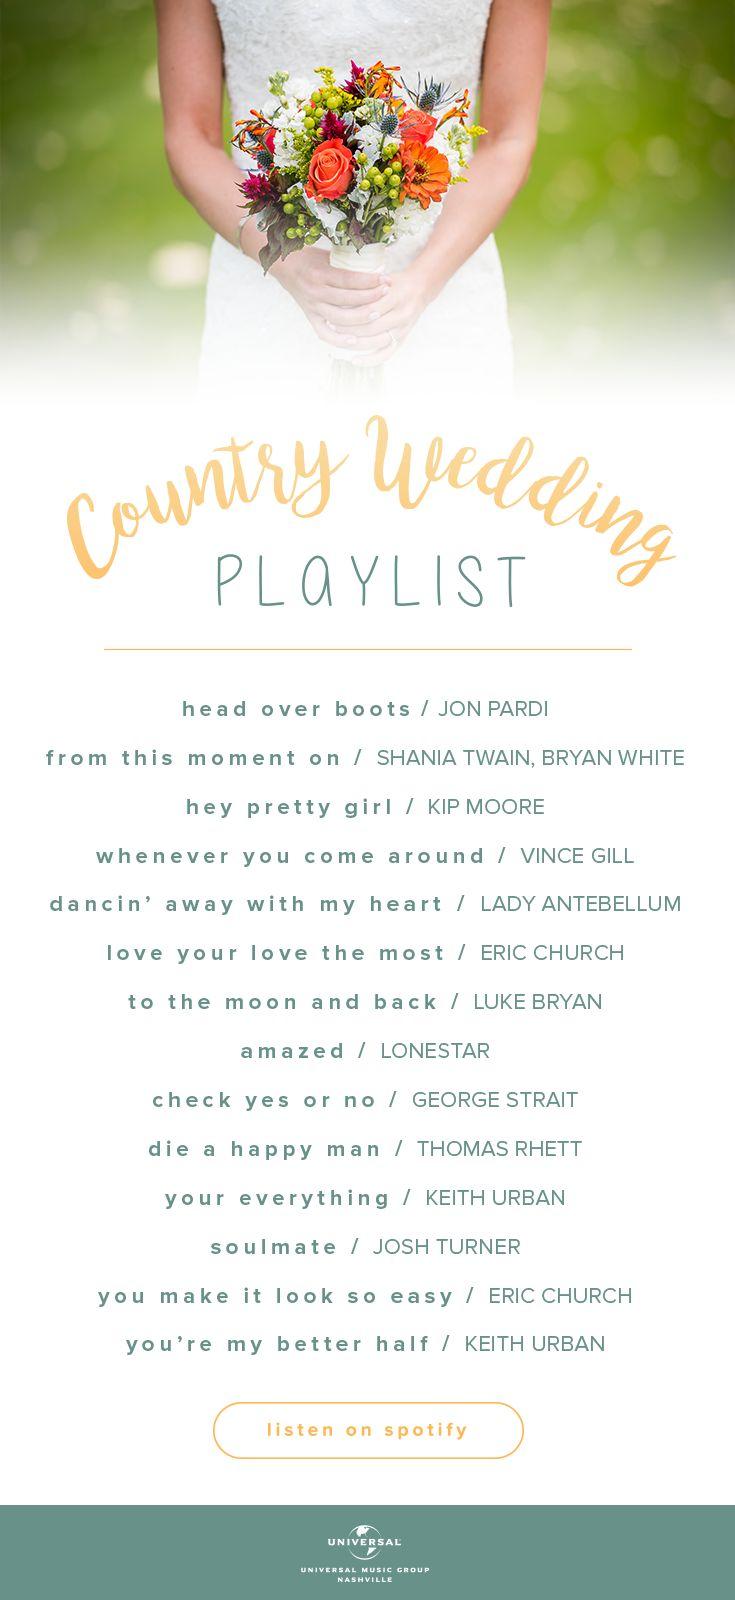 Top Wedding Reception Songs